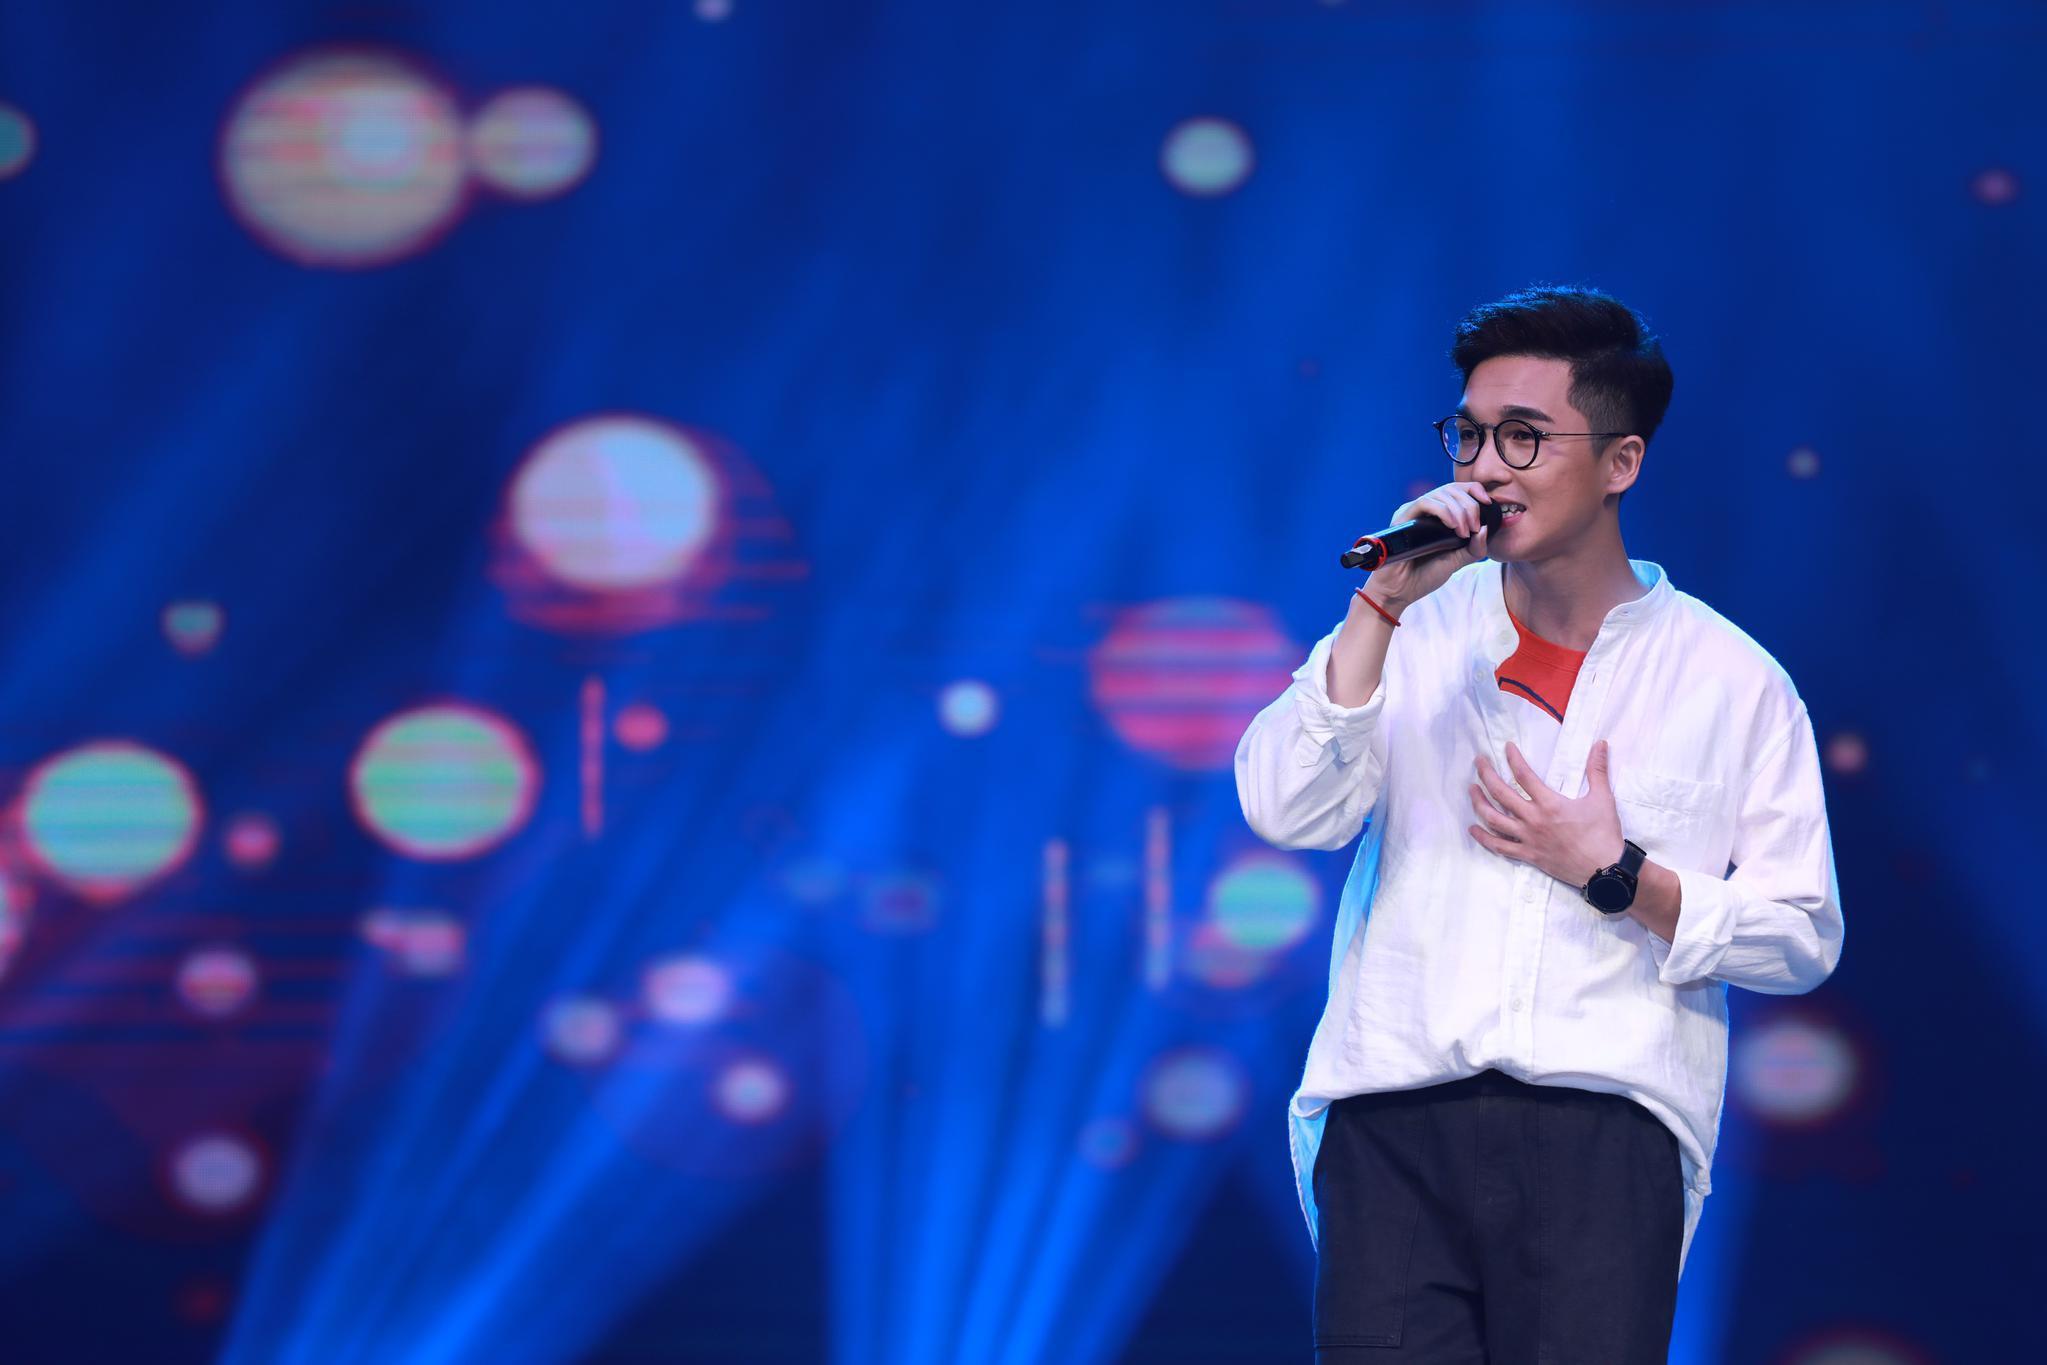 大家元欢乐音乐季开启 中国好声音携手小小好声音传递音乐梦想